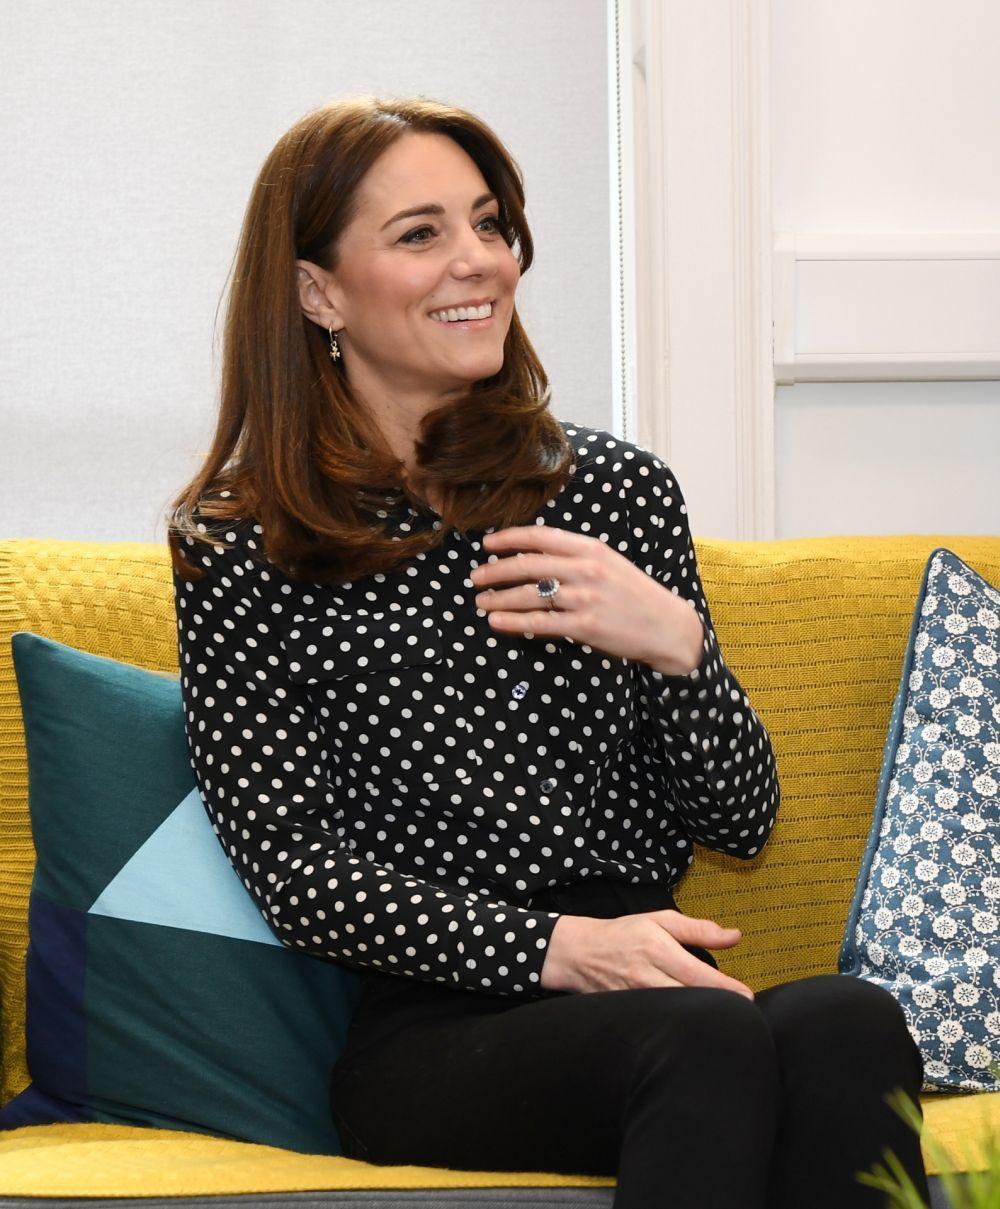 Con el nuevo corte de pelo,Kate Middleton estrena también unas mechas babylights cálidas que dulcifican sus facciones.